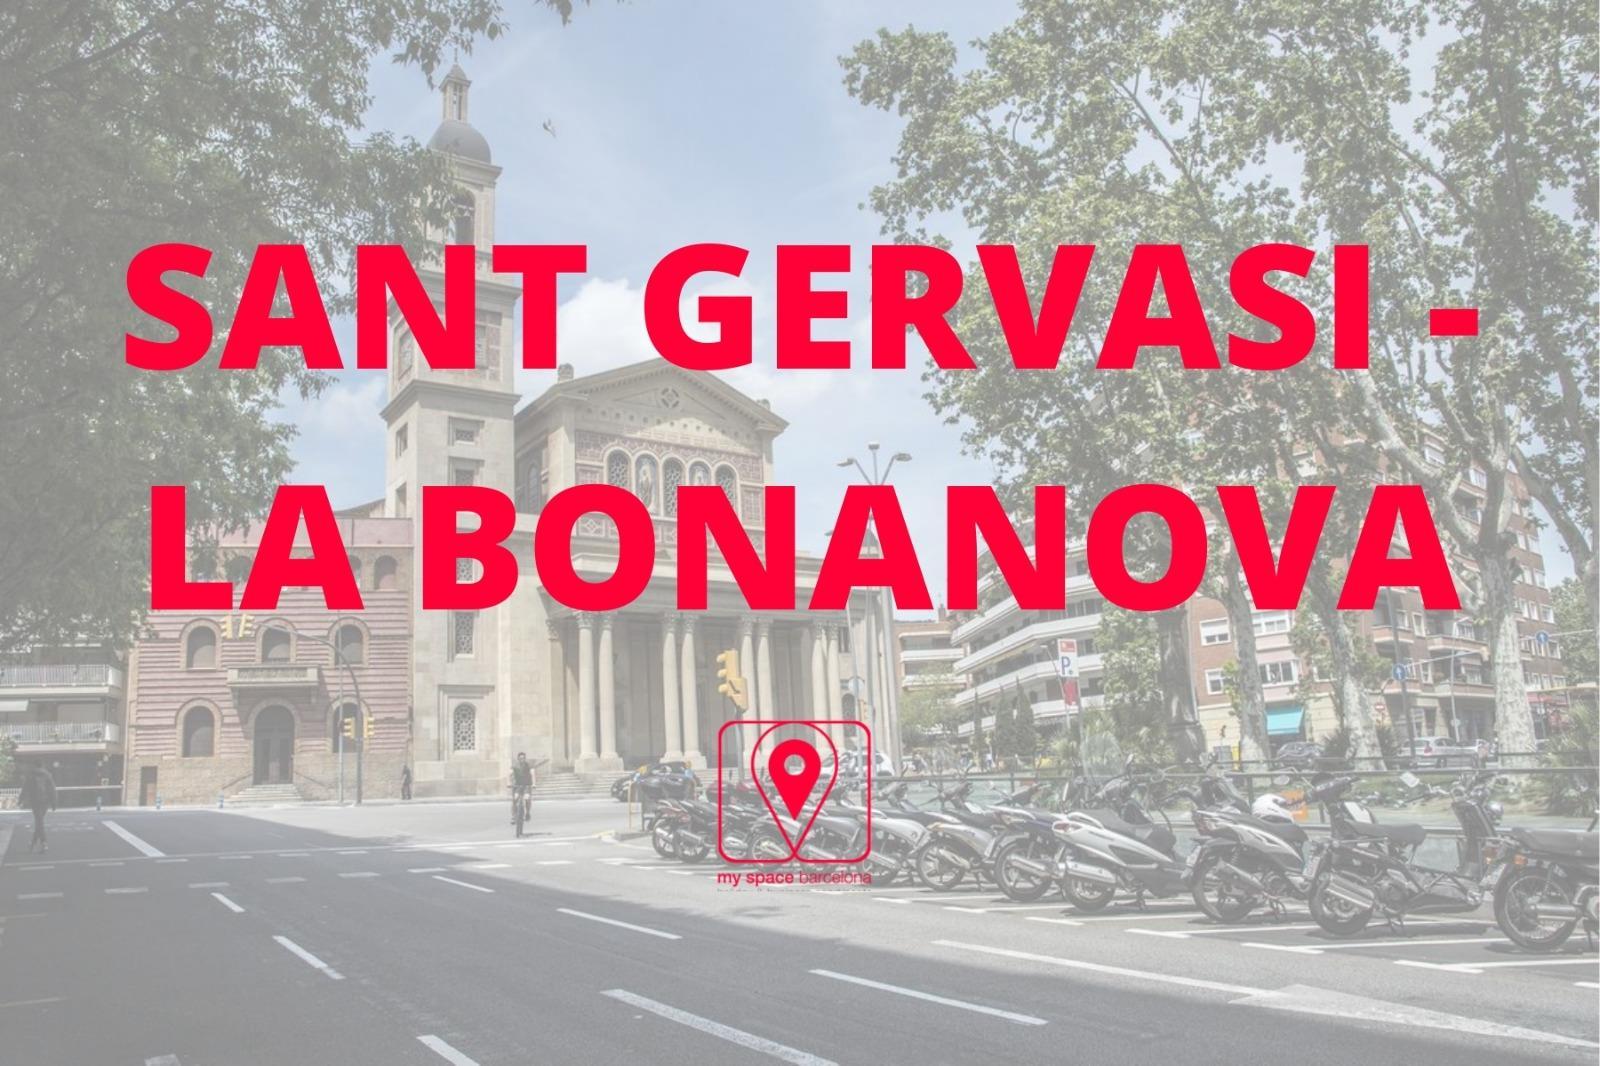 SANT GERVASI - LA BONANOVA